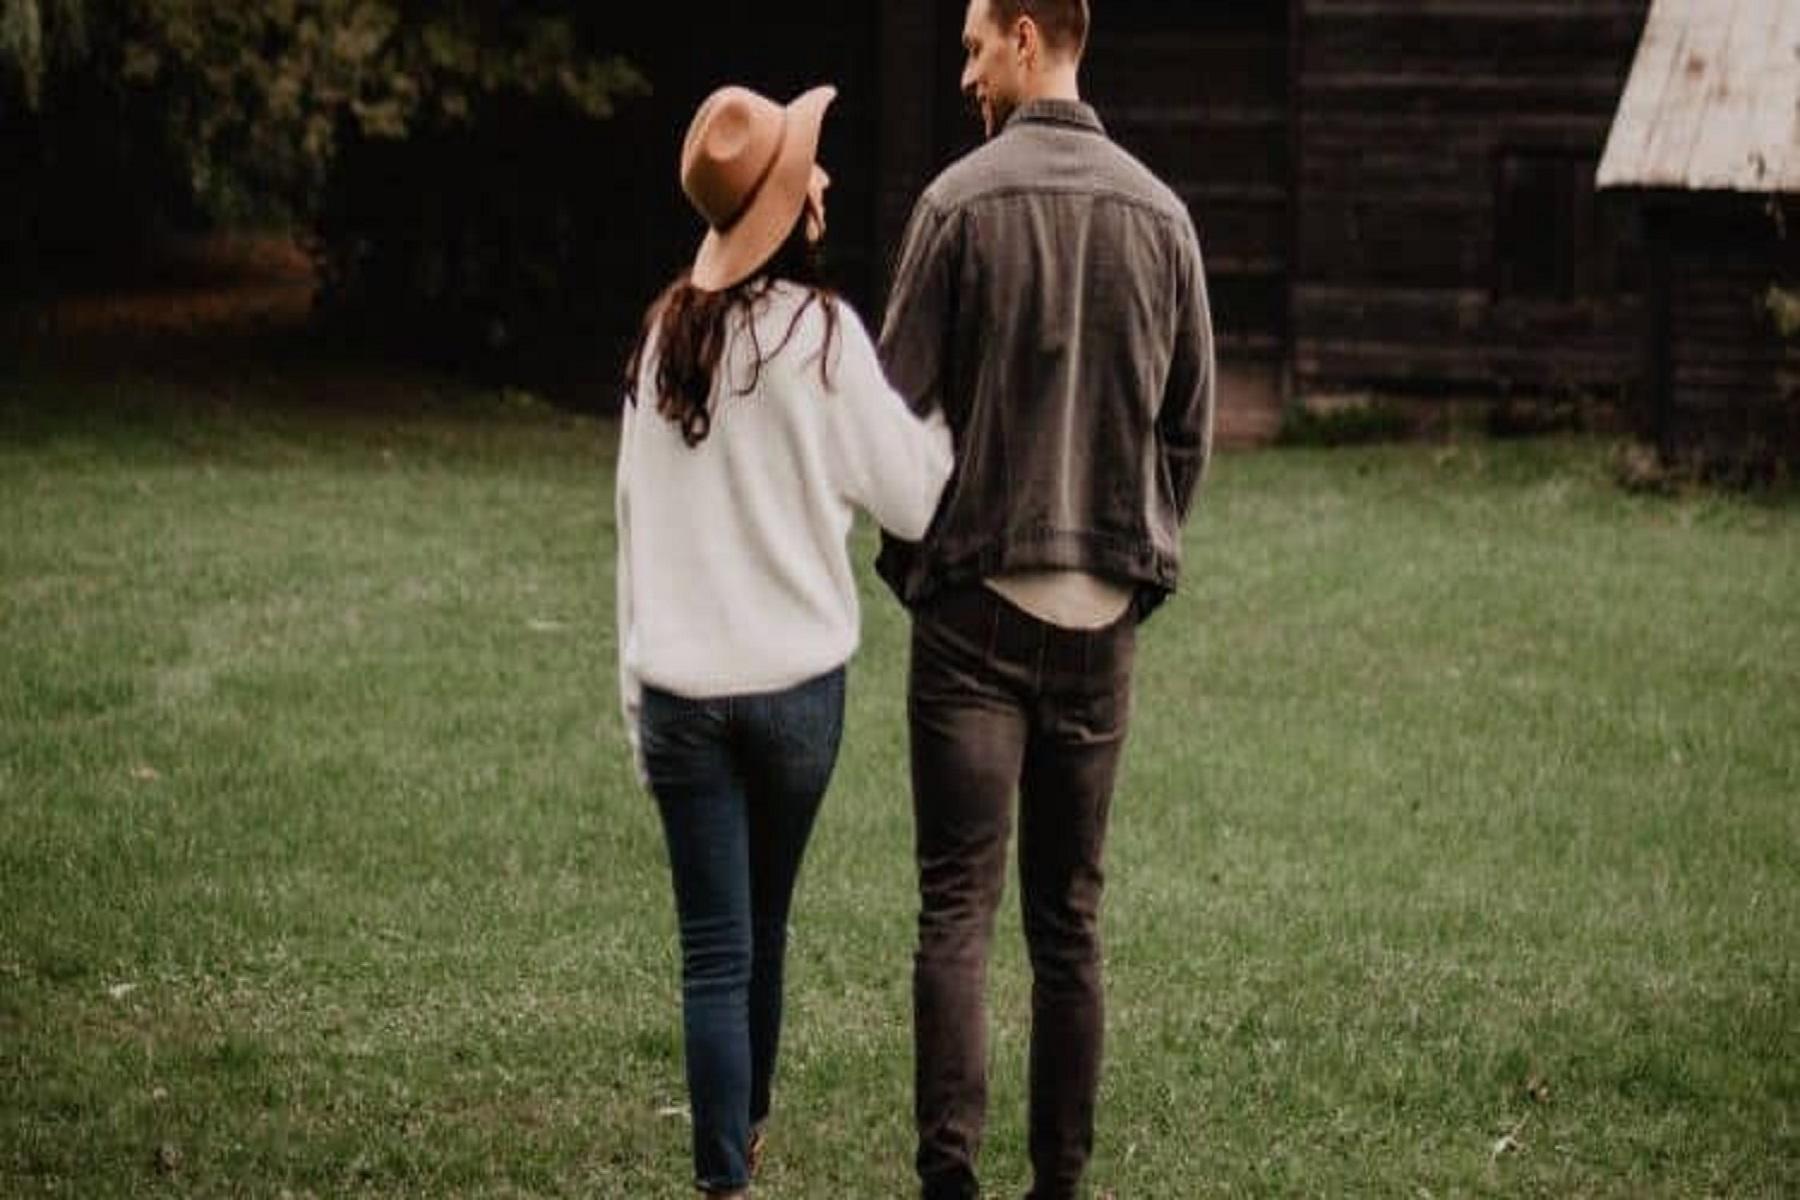 """Στρες Συντροφικότητα: Πώς να μην αφήνουμε το """"αγκάθι"""" να τραυματίζει τη σχέση μας"""